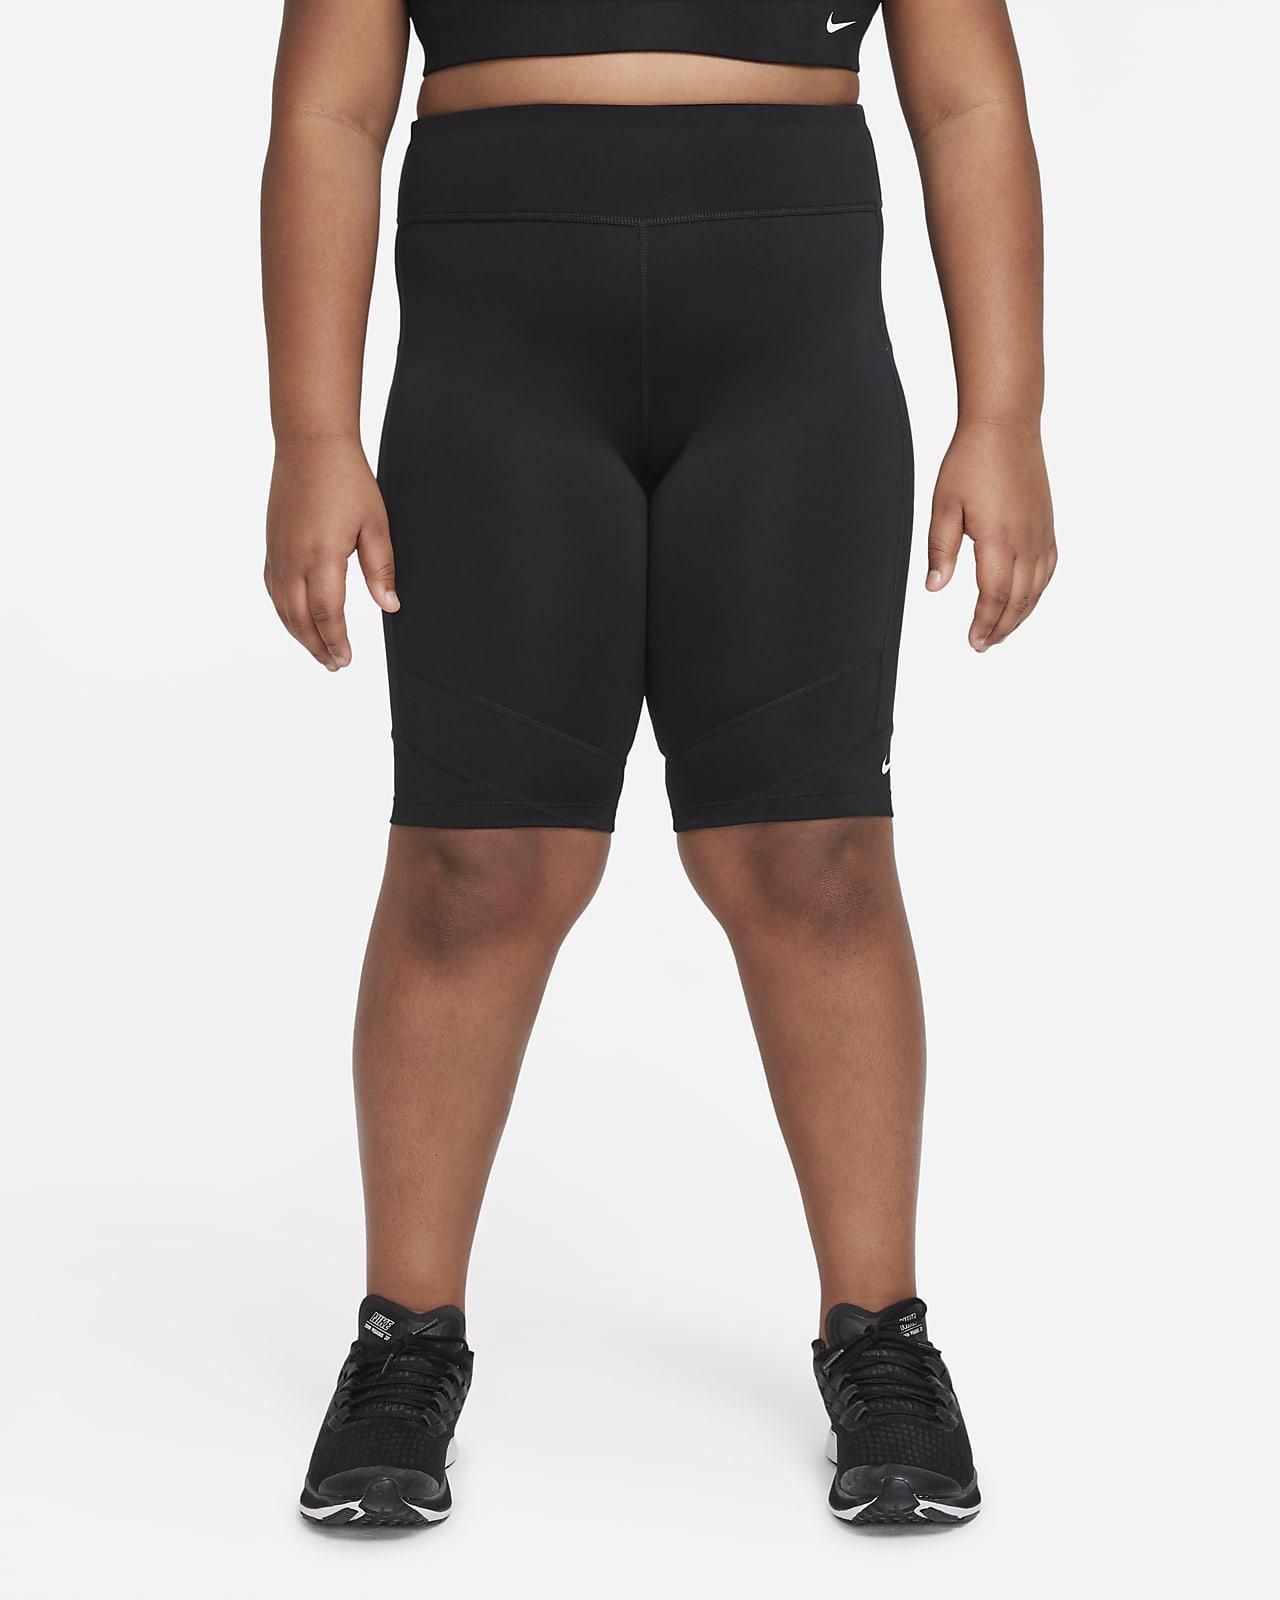 Nike Dri-FIT One kerékpáros rövidnadrág nagyobb gyerekeknek (lányok) (bővített méret)